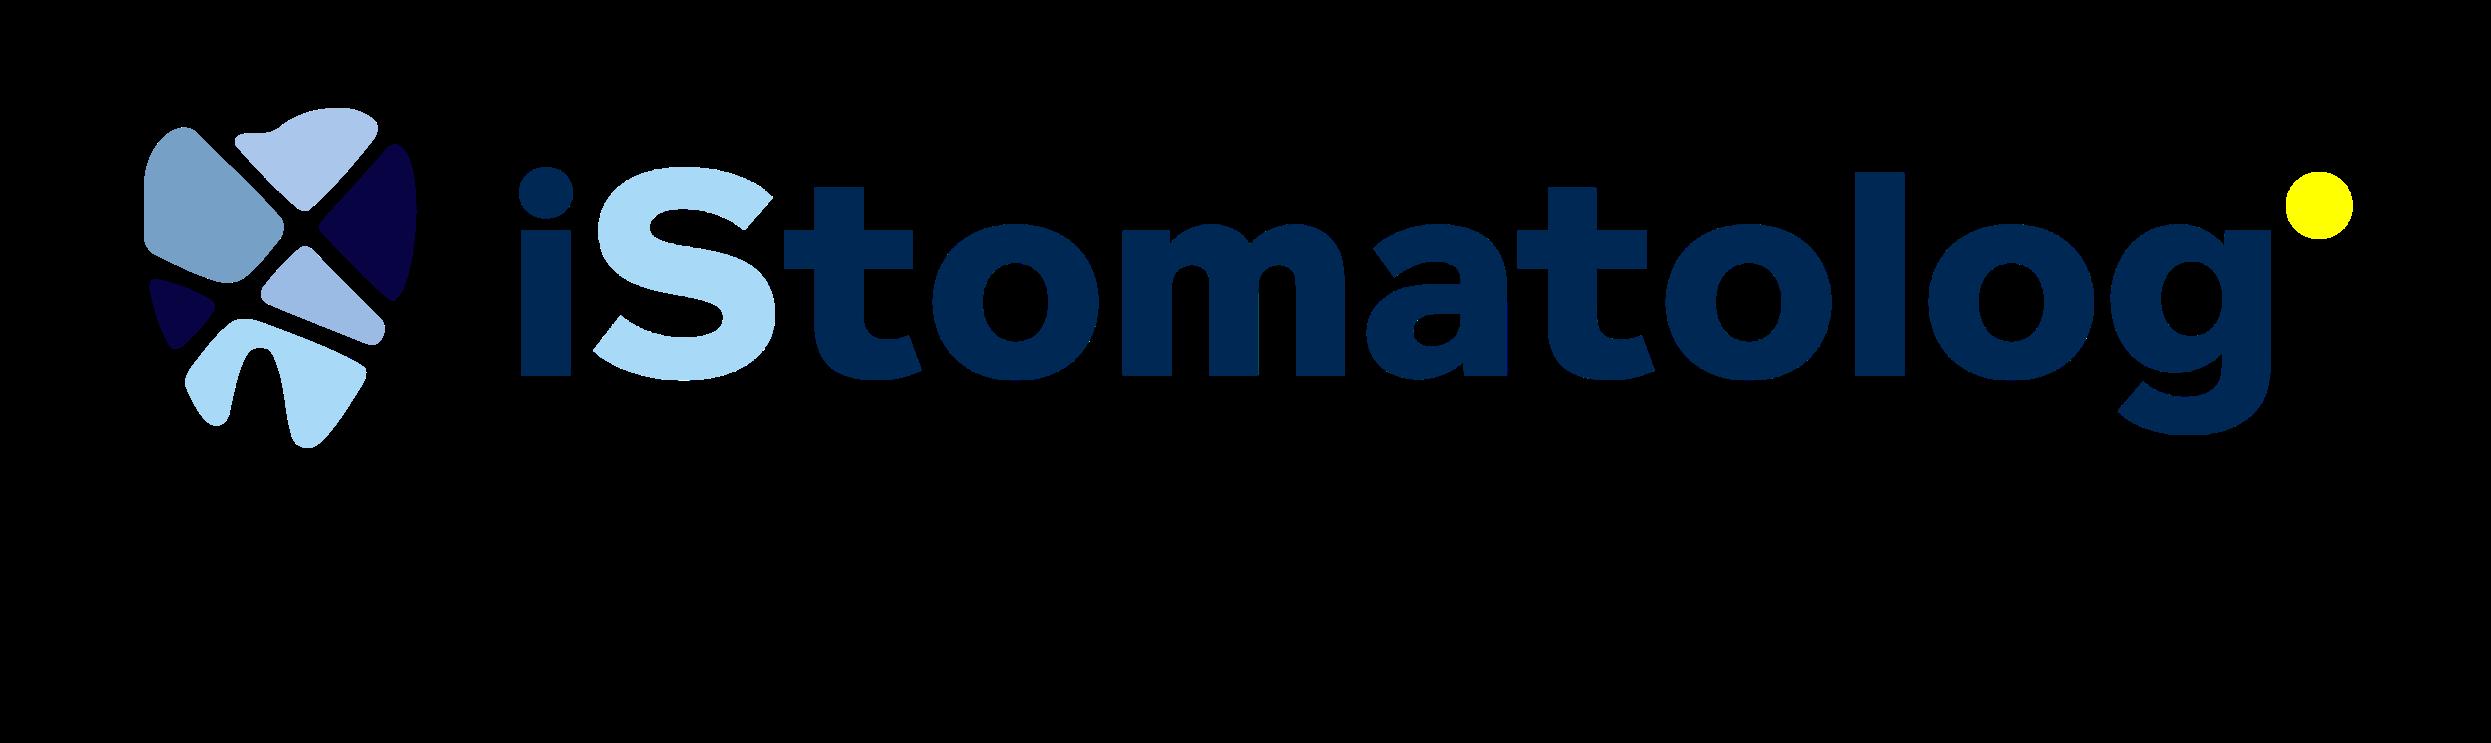 Cтоматологія iStomatolog